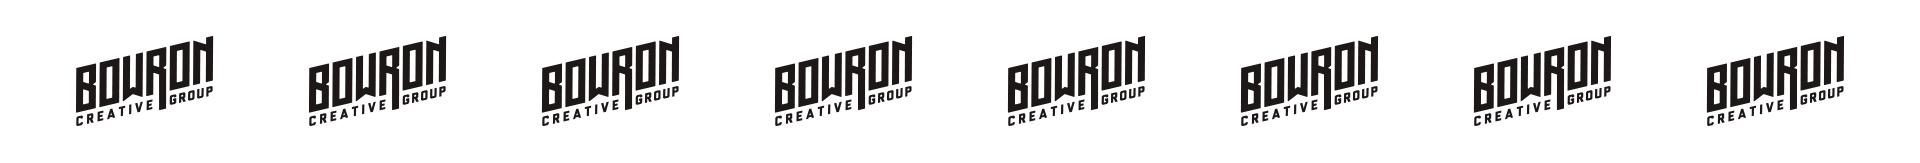 bowron_creative_group_footer_jimmy_bowron.jpg